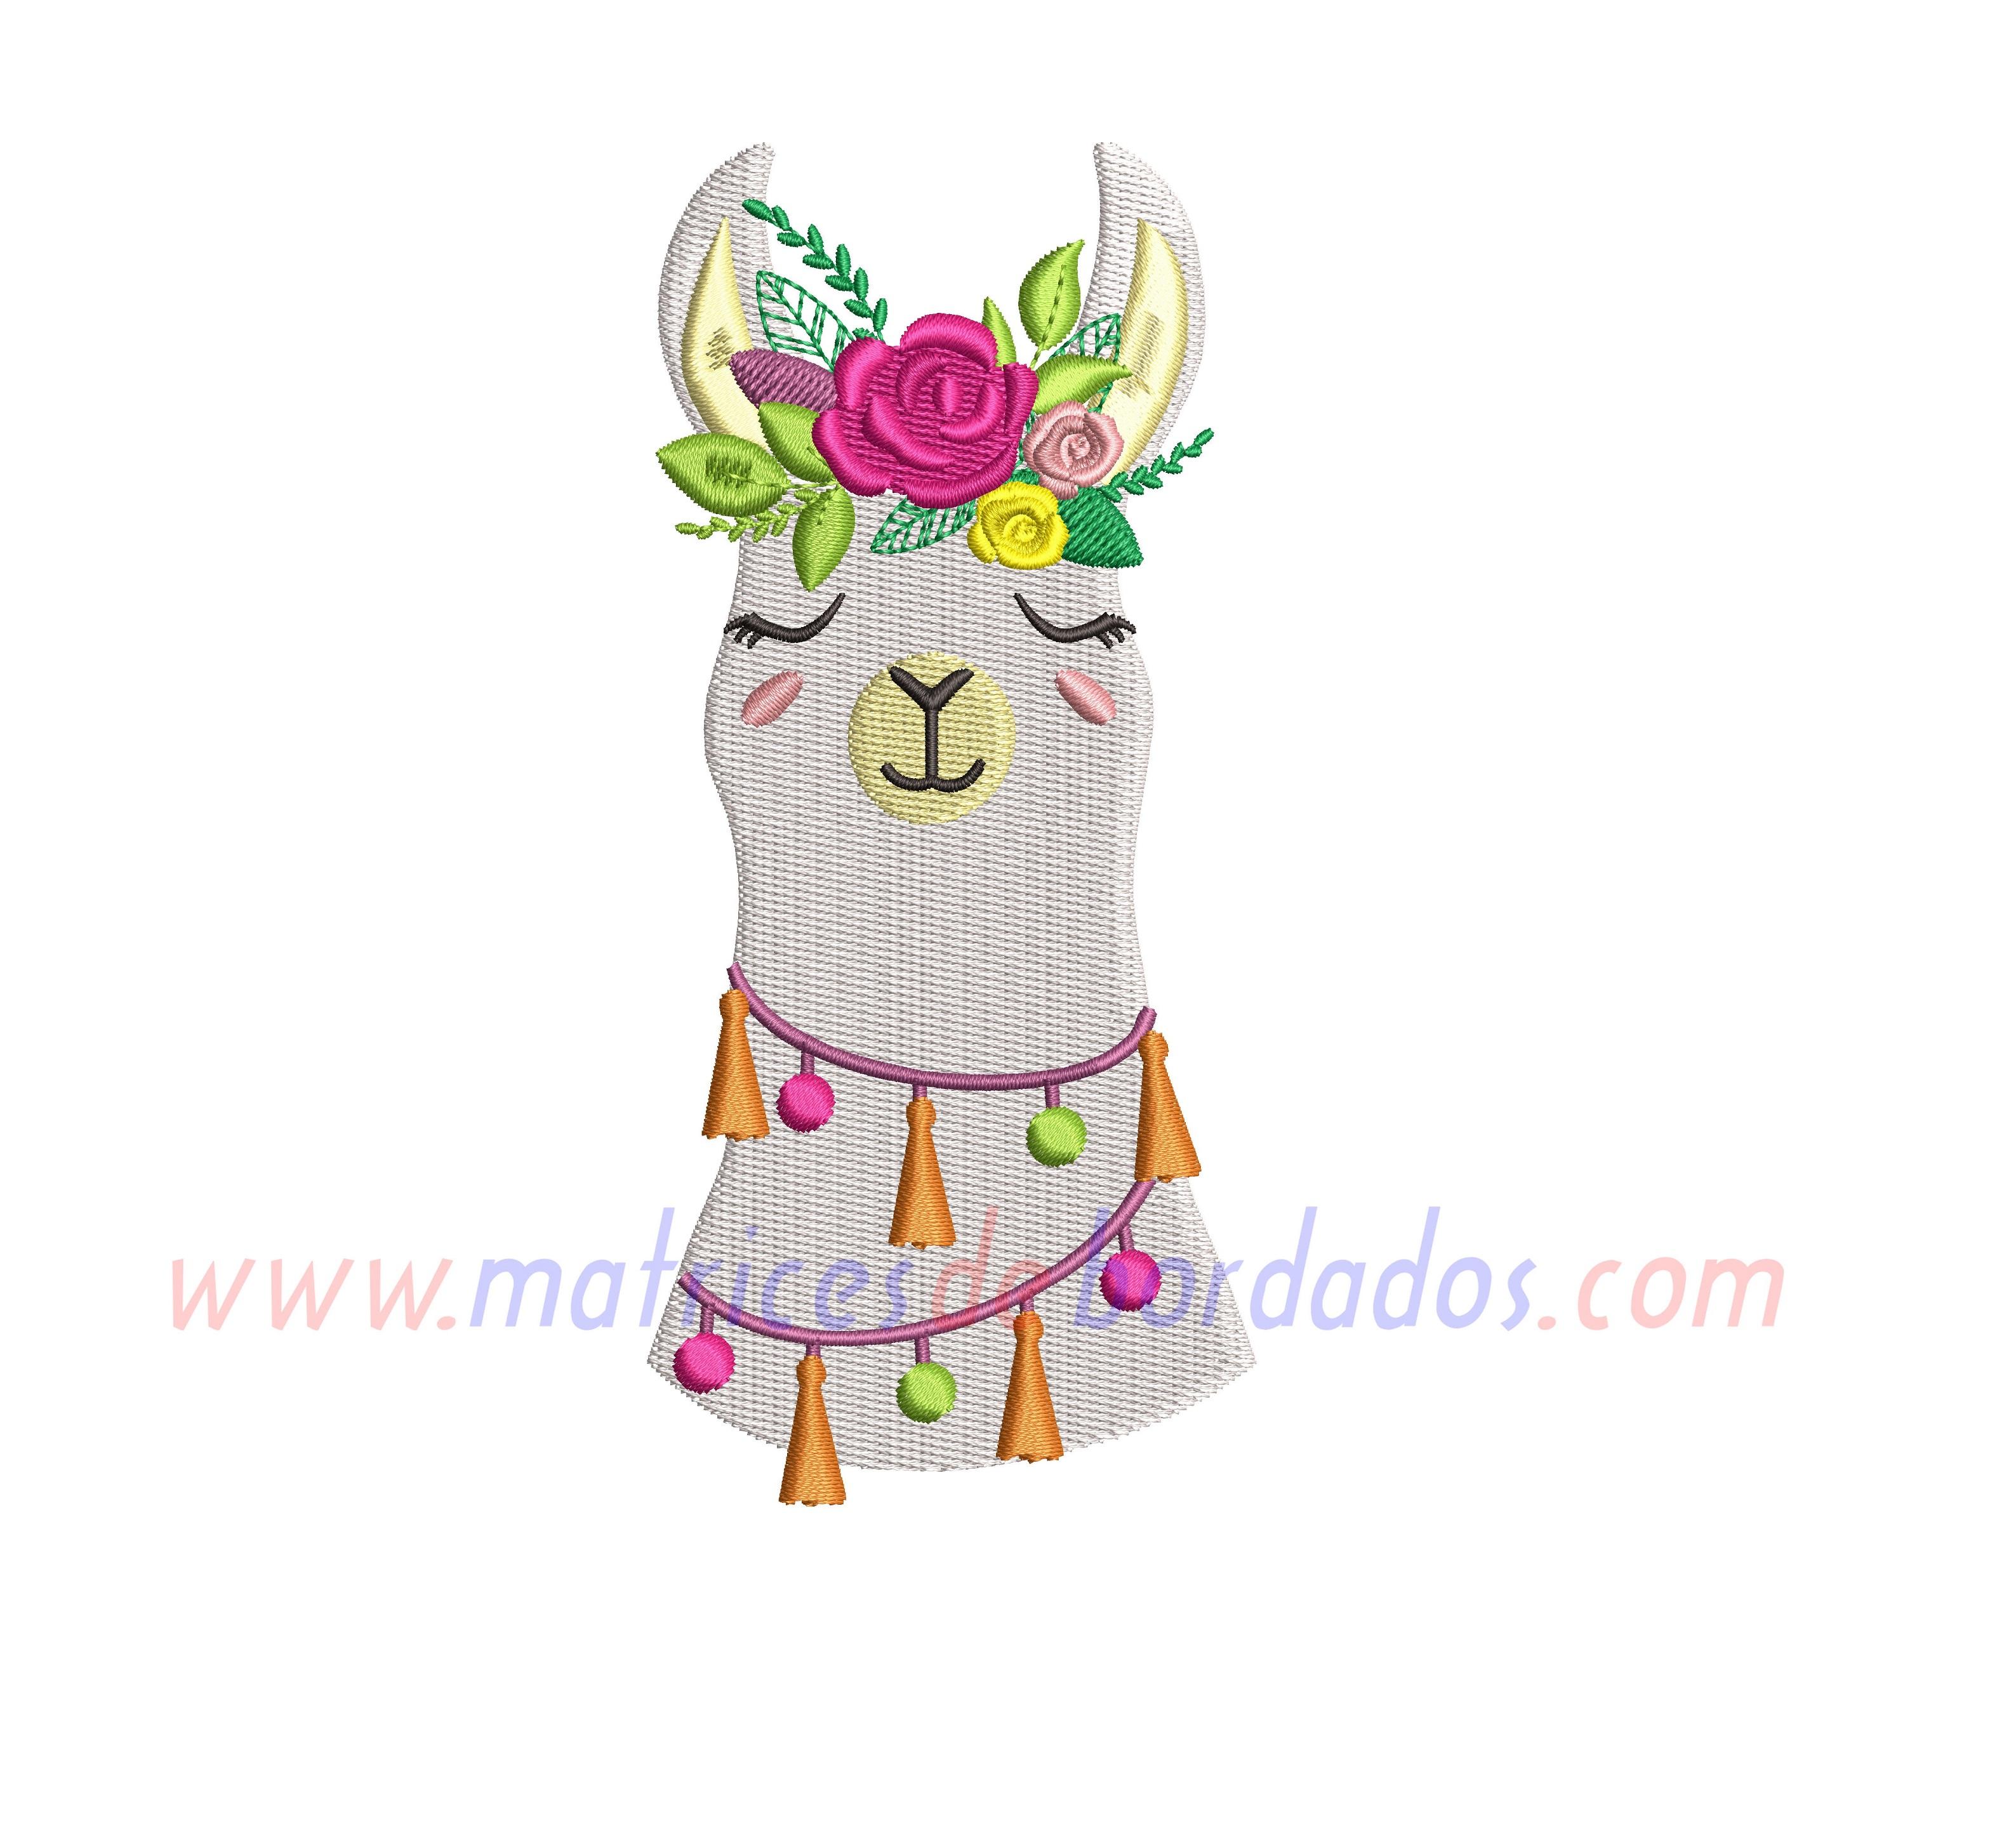 MD14KE - Llama